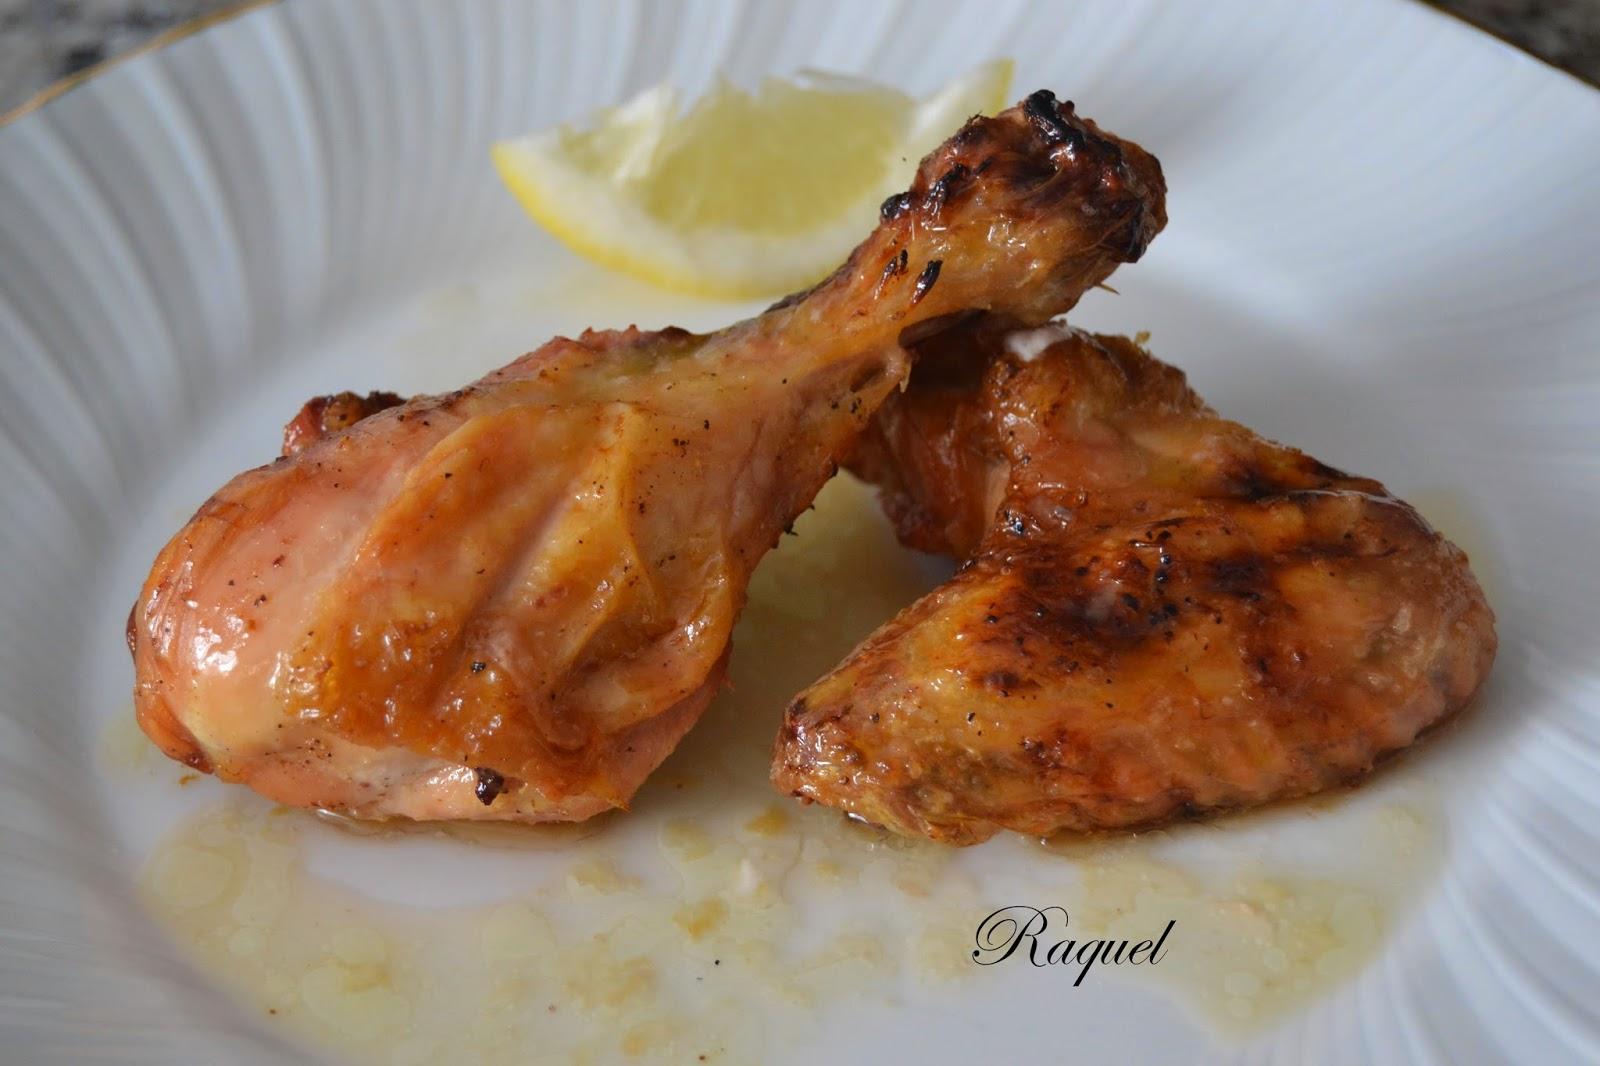 Mi diversi n en la cocina pollo al lim n - Pollo al limon isasaweis ...